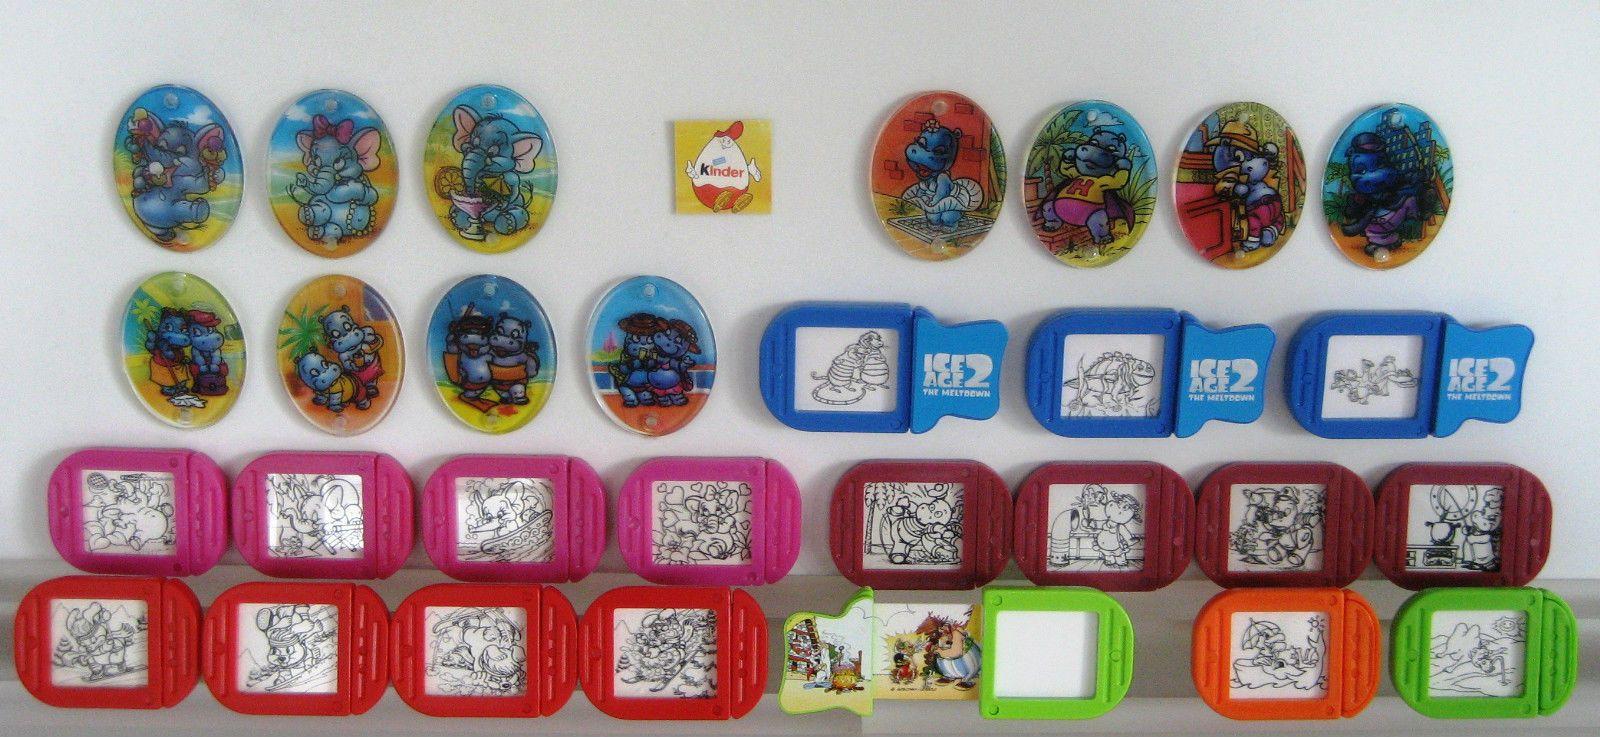 Farbenzauber Fensterbilder Auswahl Siehe Foto | eBay